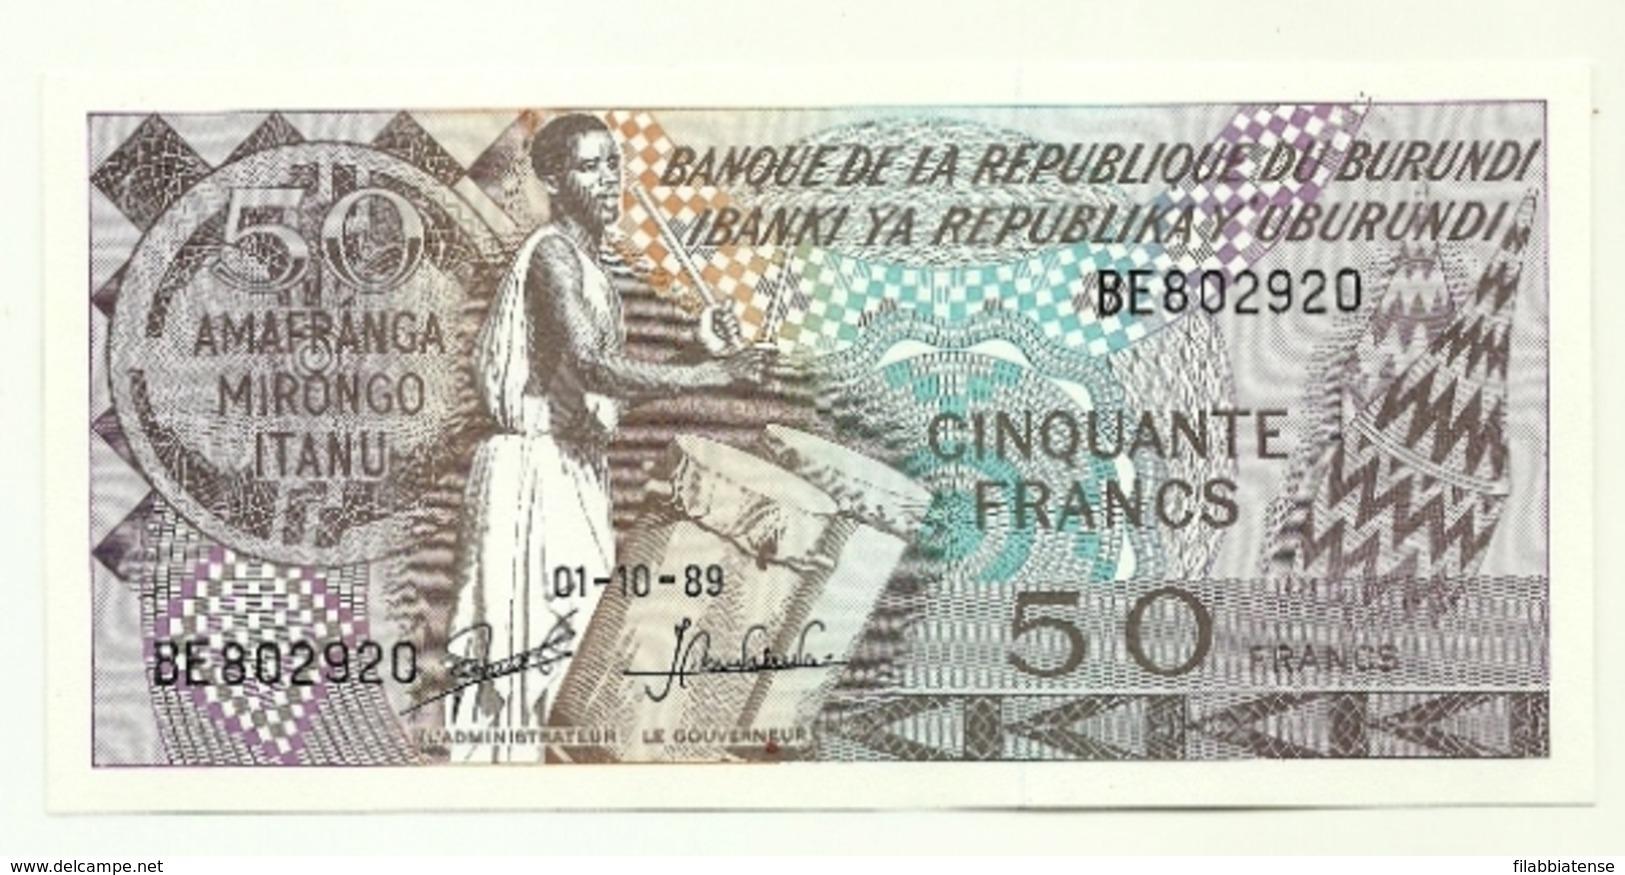 Burundi - 50 Amafranga 1989 - Burundi